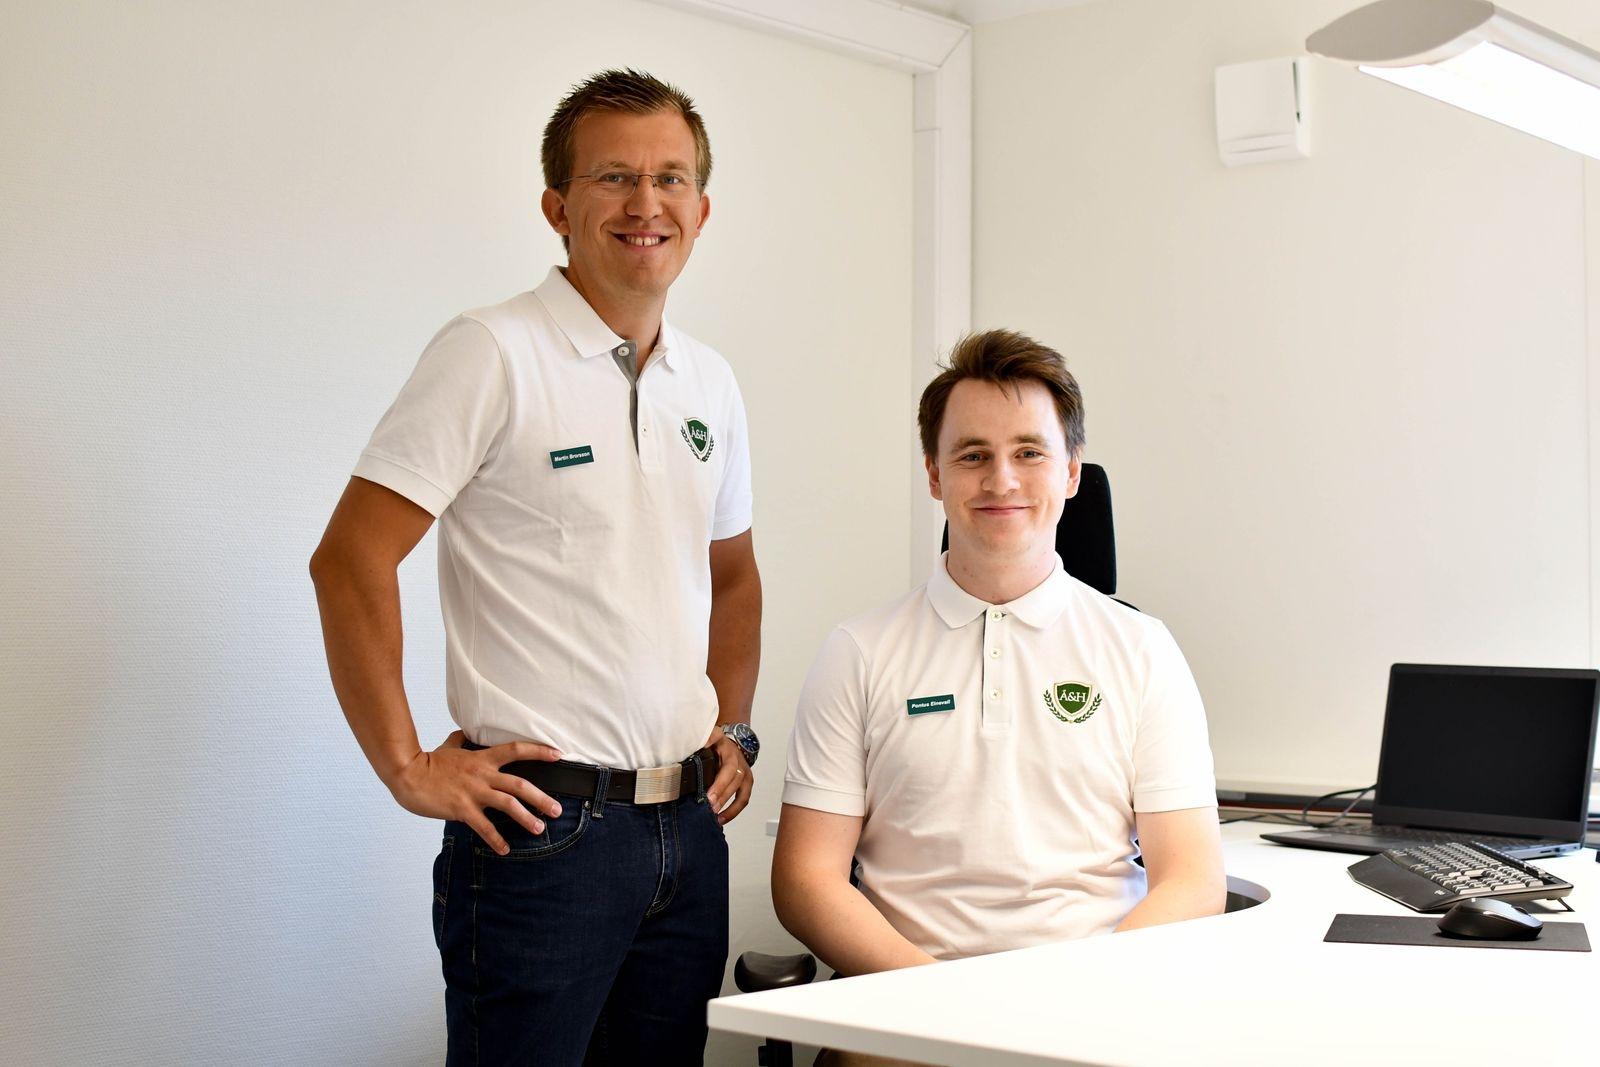 Det är Martin Brorsson och Pontus Einevall som kommer att möta kunderna på nya kontoret i Hammenhög.